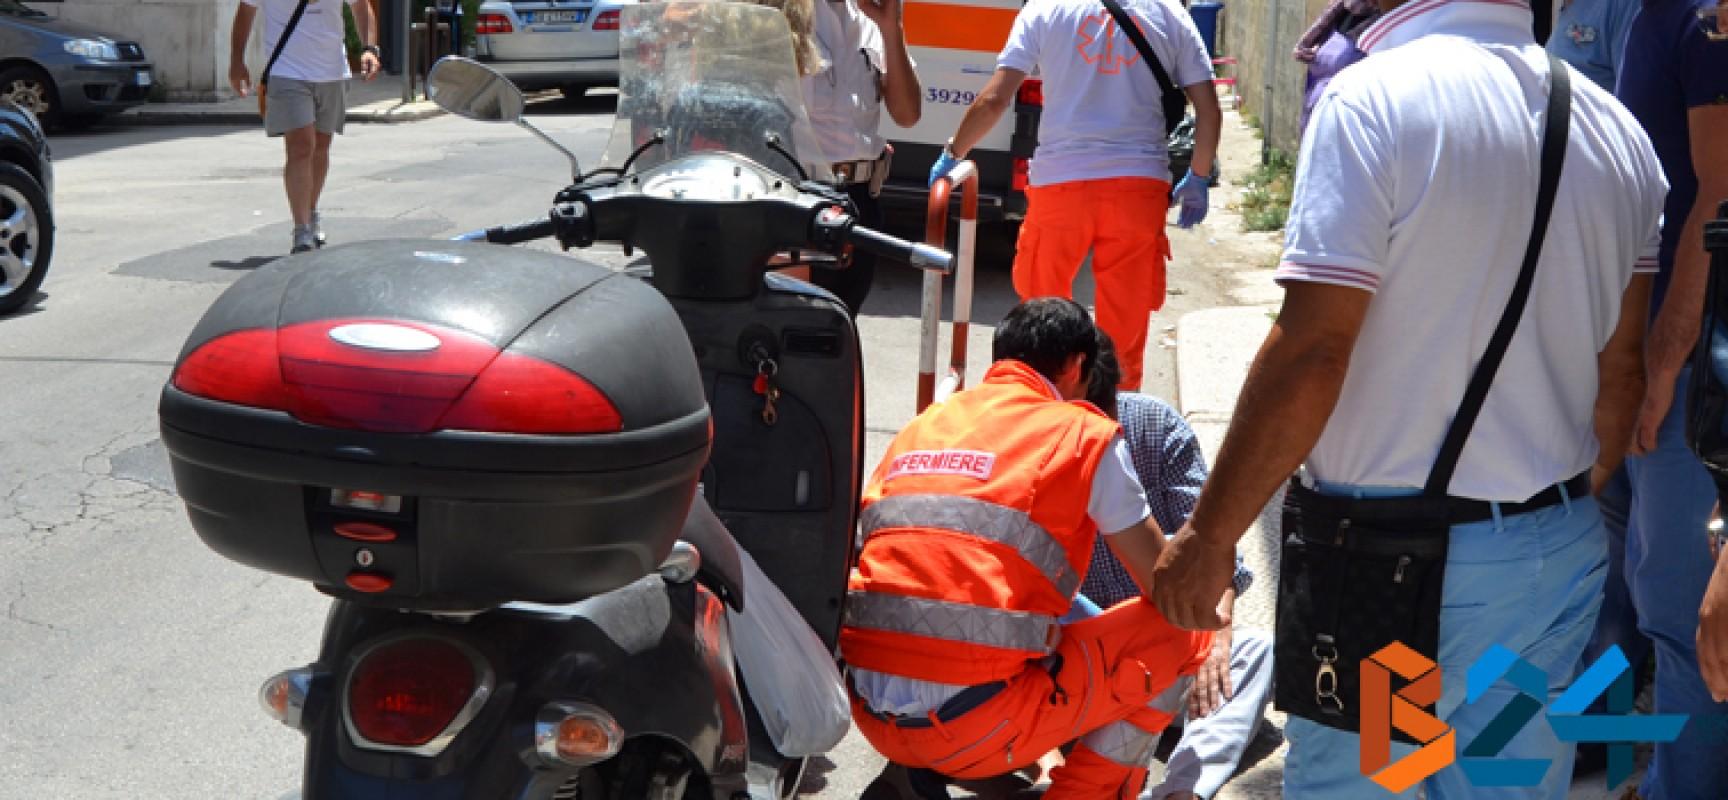 Incidente in Via San Lorenzo, coinvolti uno scooter ed un'autovettura